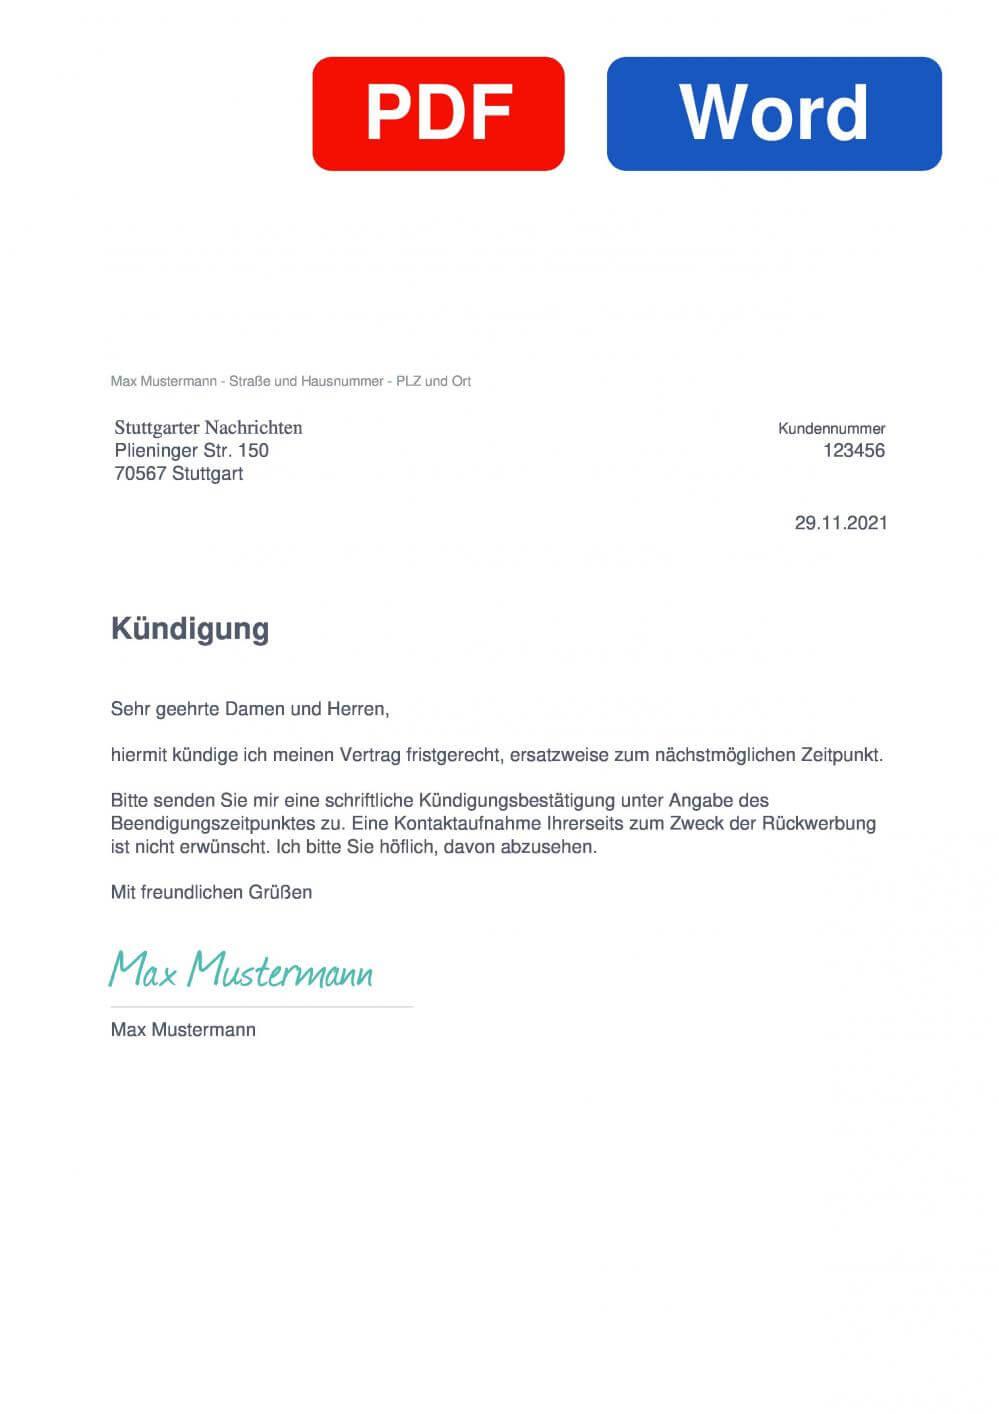 Stuttgarter Nachrichten Muster Vorlage für Kündigungsschreiben